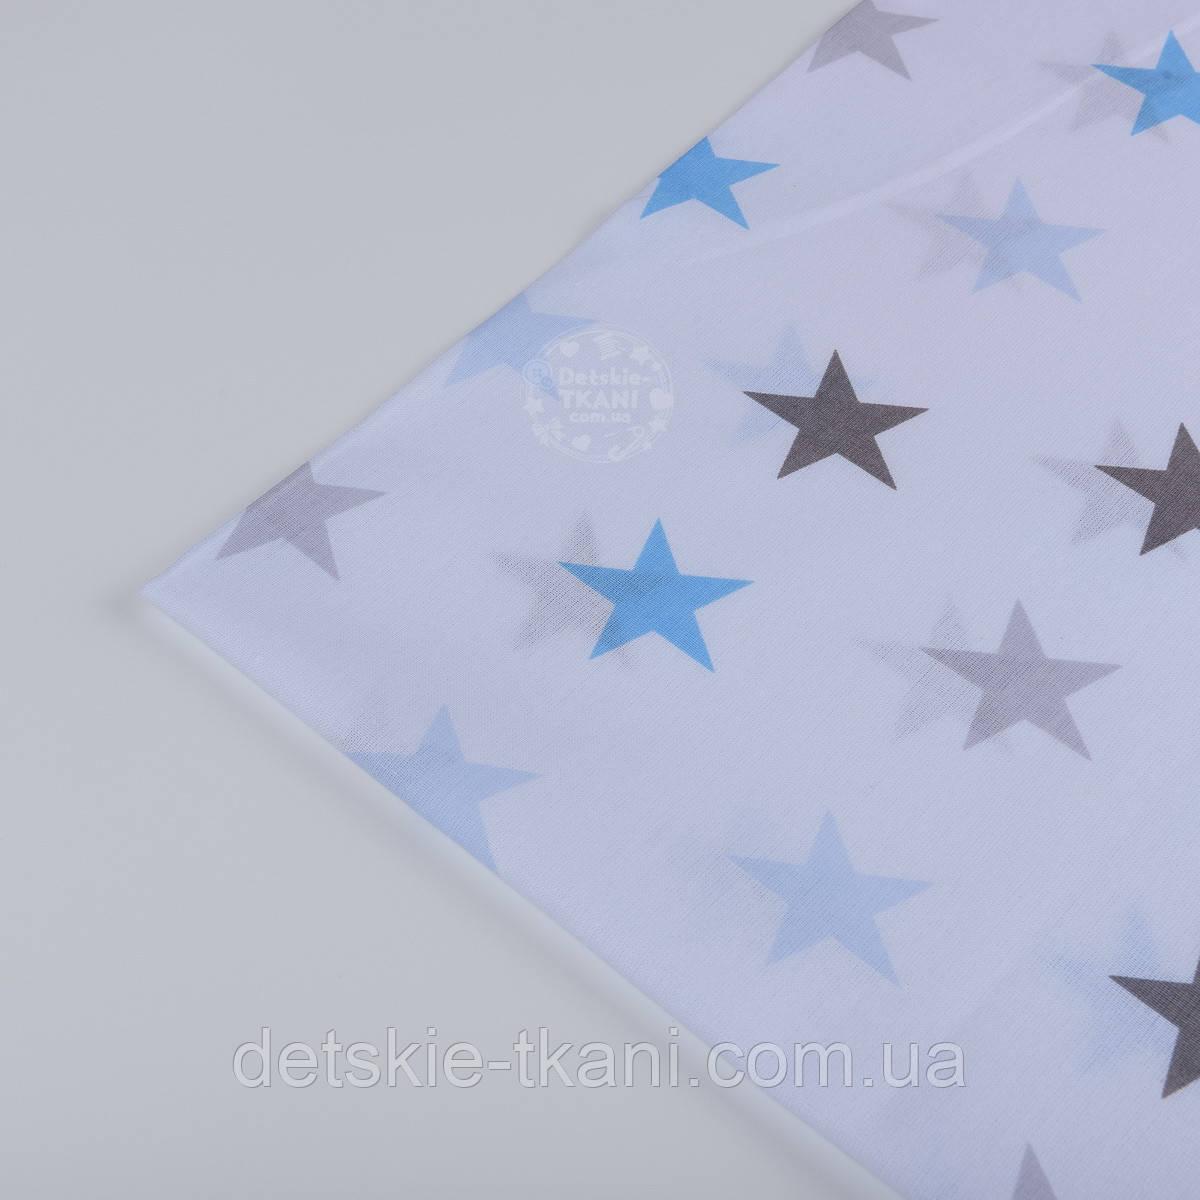 Лоскут ткани №243  с остроконечными серо-голубыми большими звёздами